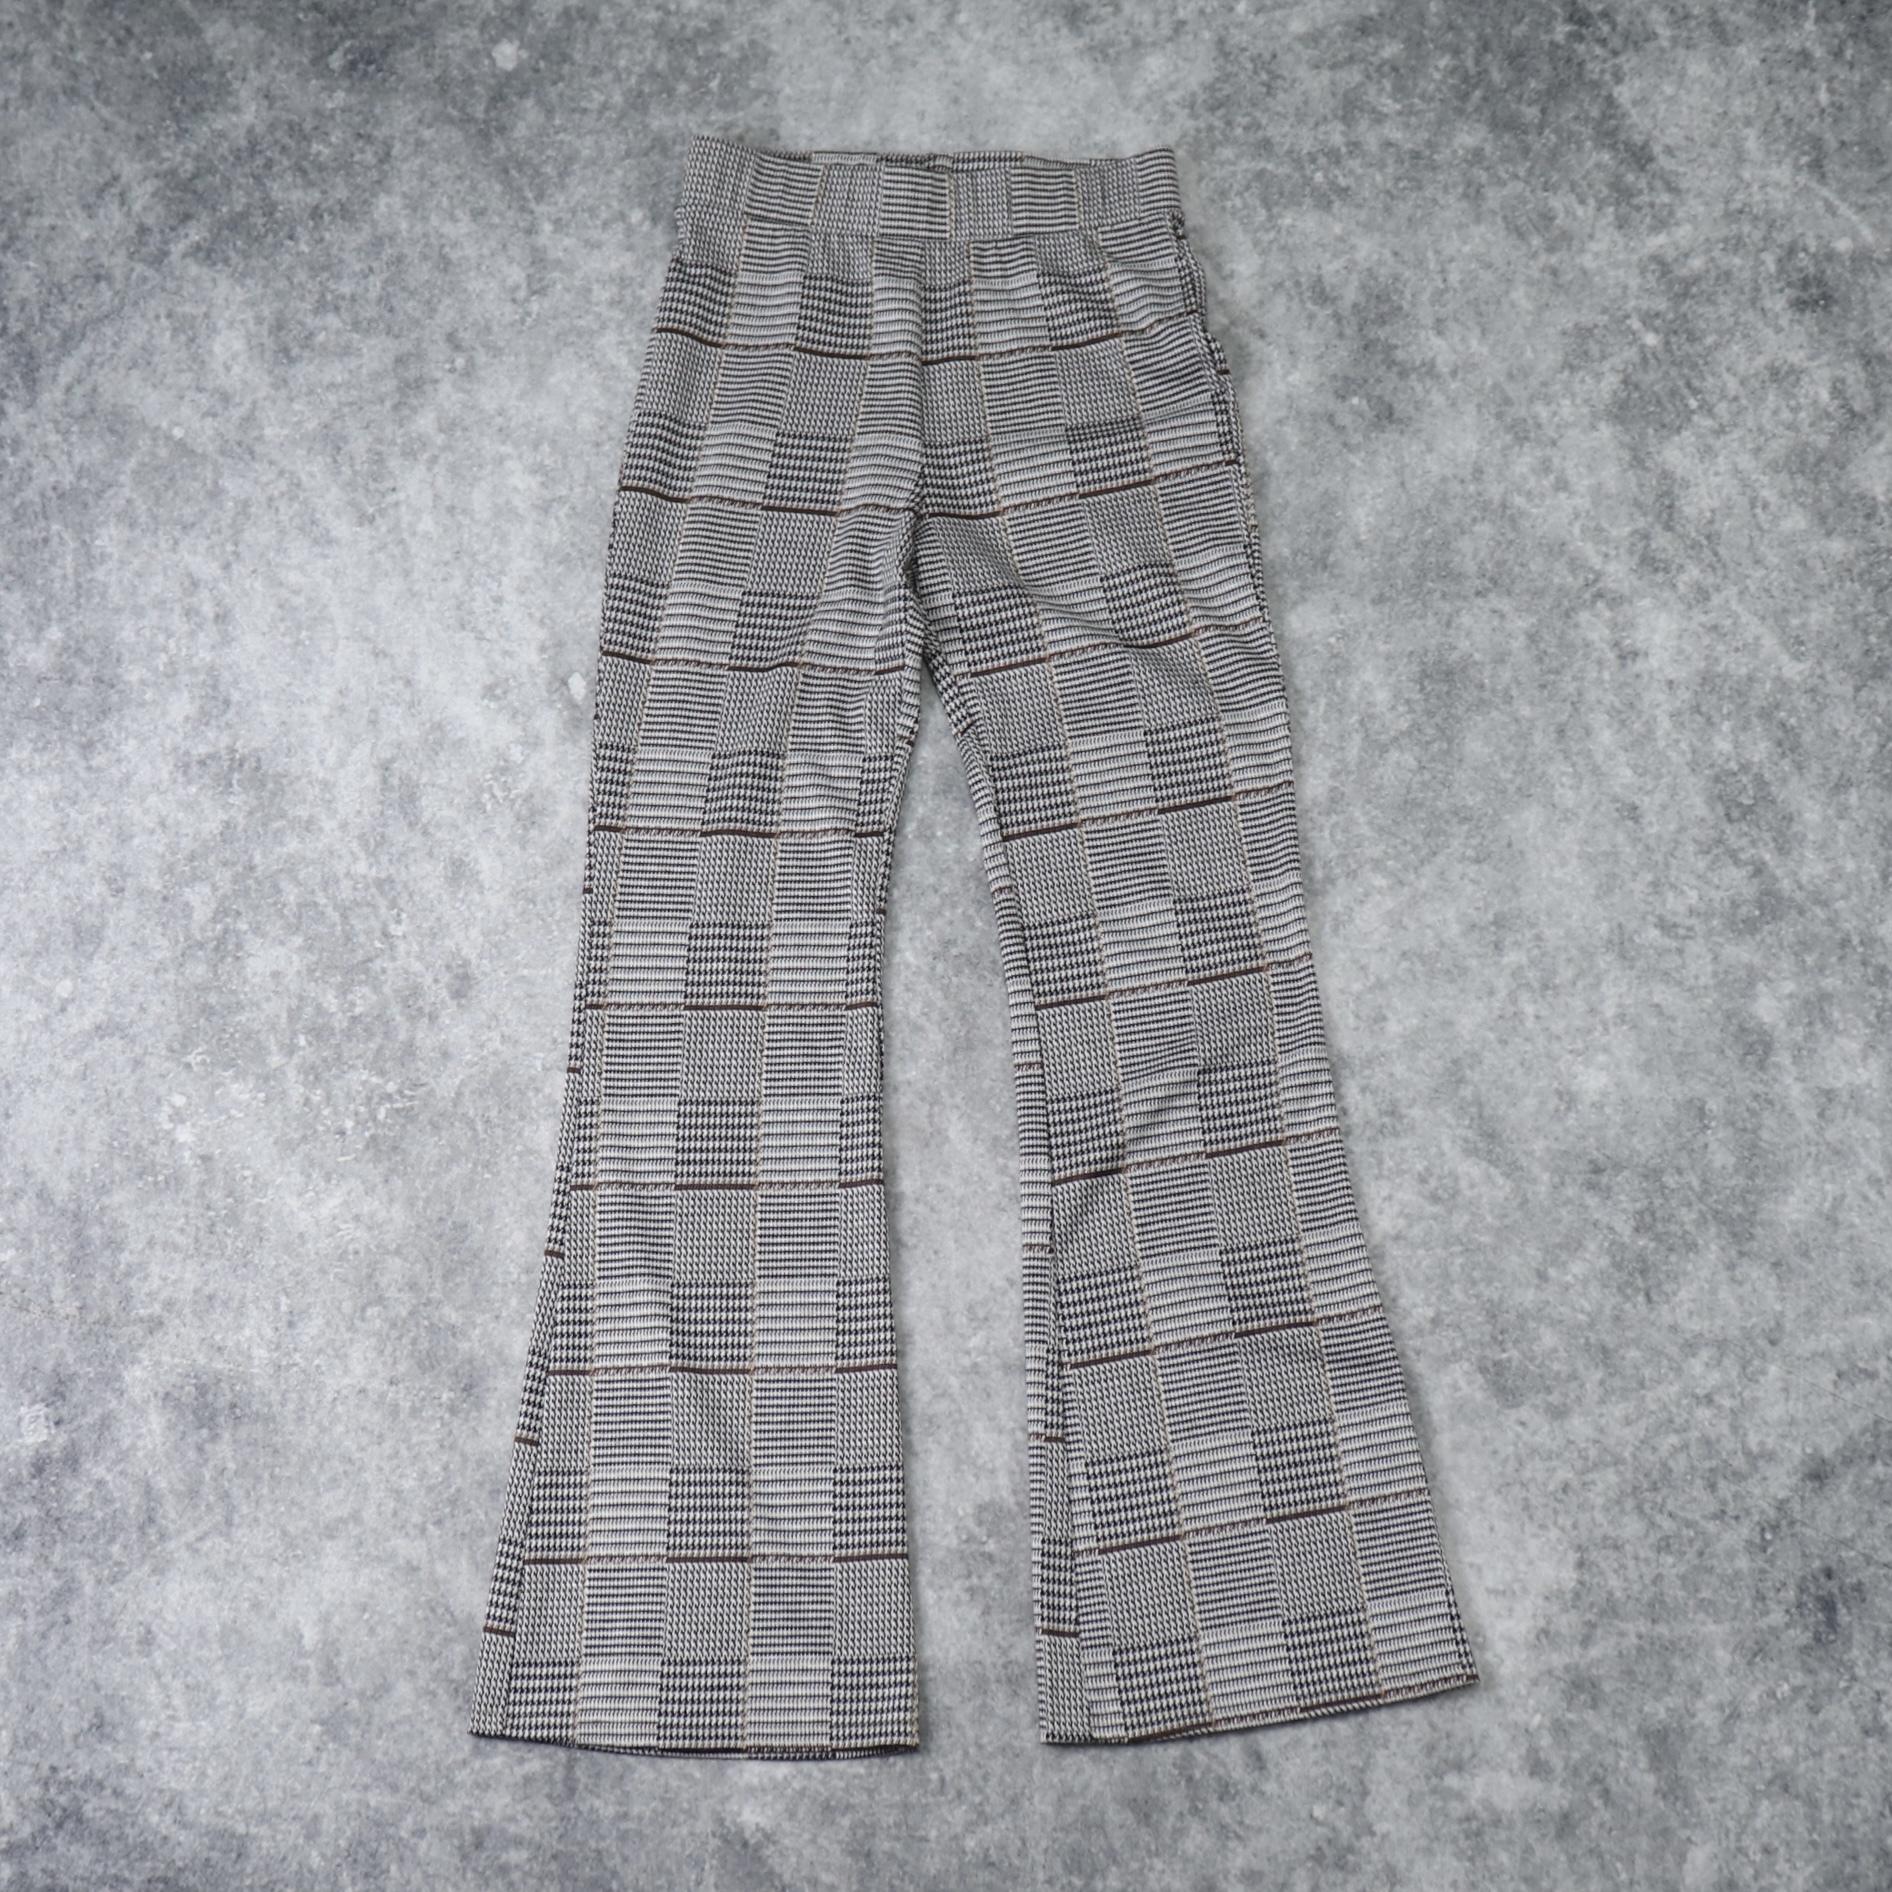 レディース 90〜00年代 チェック柄 フレアパンツ アメリカ古着 グレー 90〜00's Usa Used  Flared pants